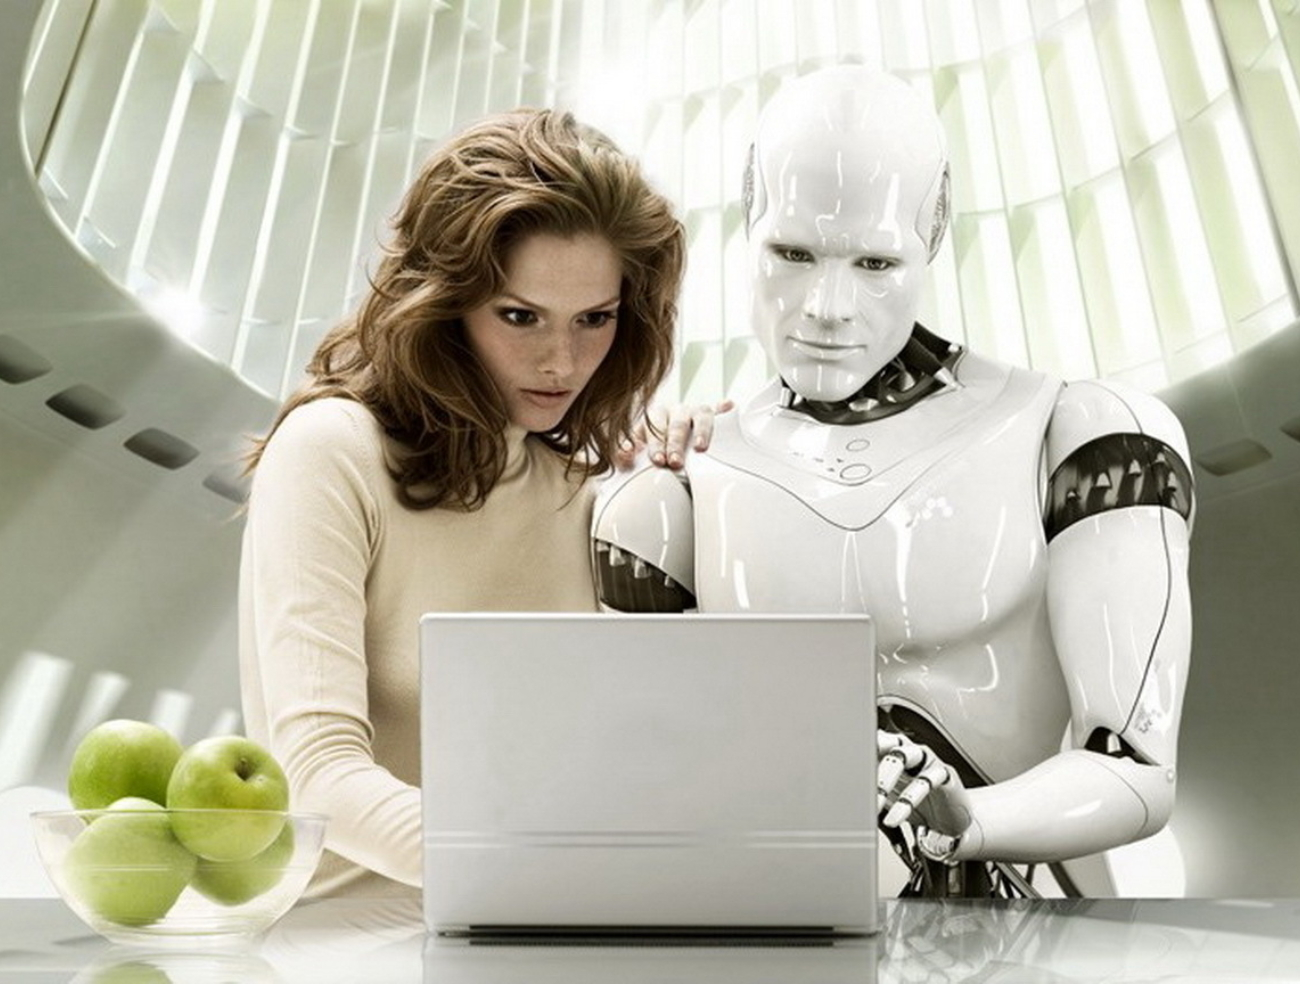 Boost het succes van je RPA implementatie: Zorg voor balans tussen mens en technologie